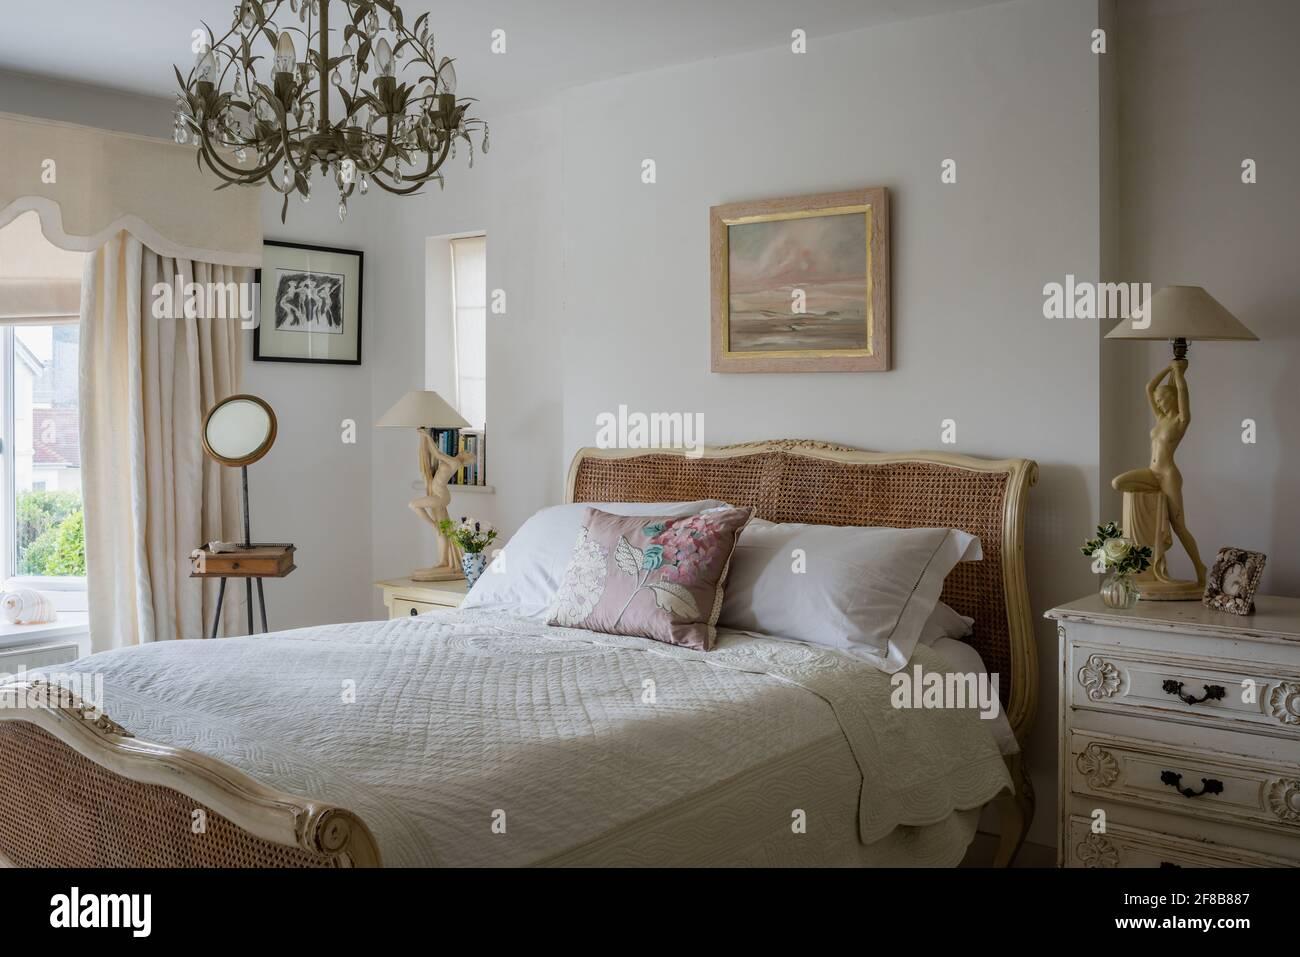 Lampes Art déco et miroir de rasage Edwardian avec lit en osier ancien dans West Sussex rénovation côtière. Banque D'Images